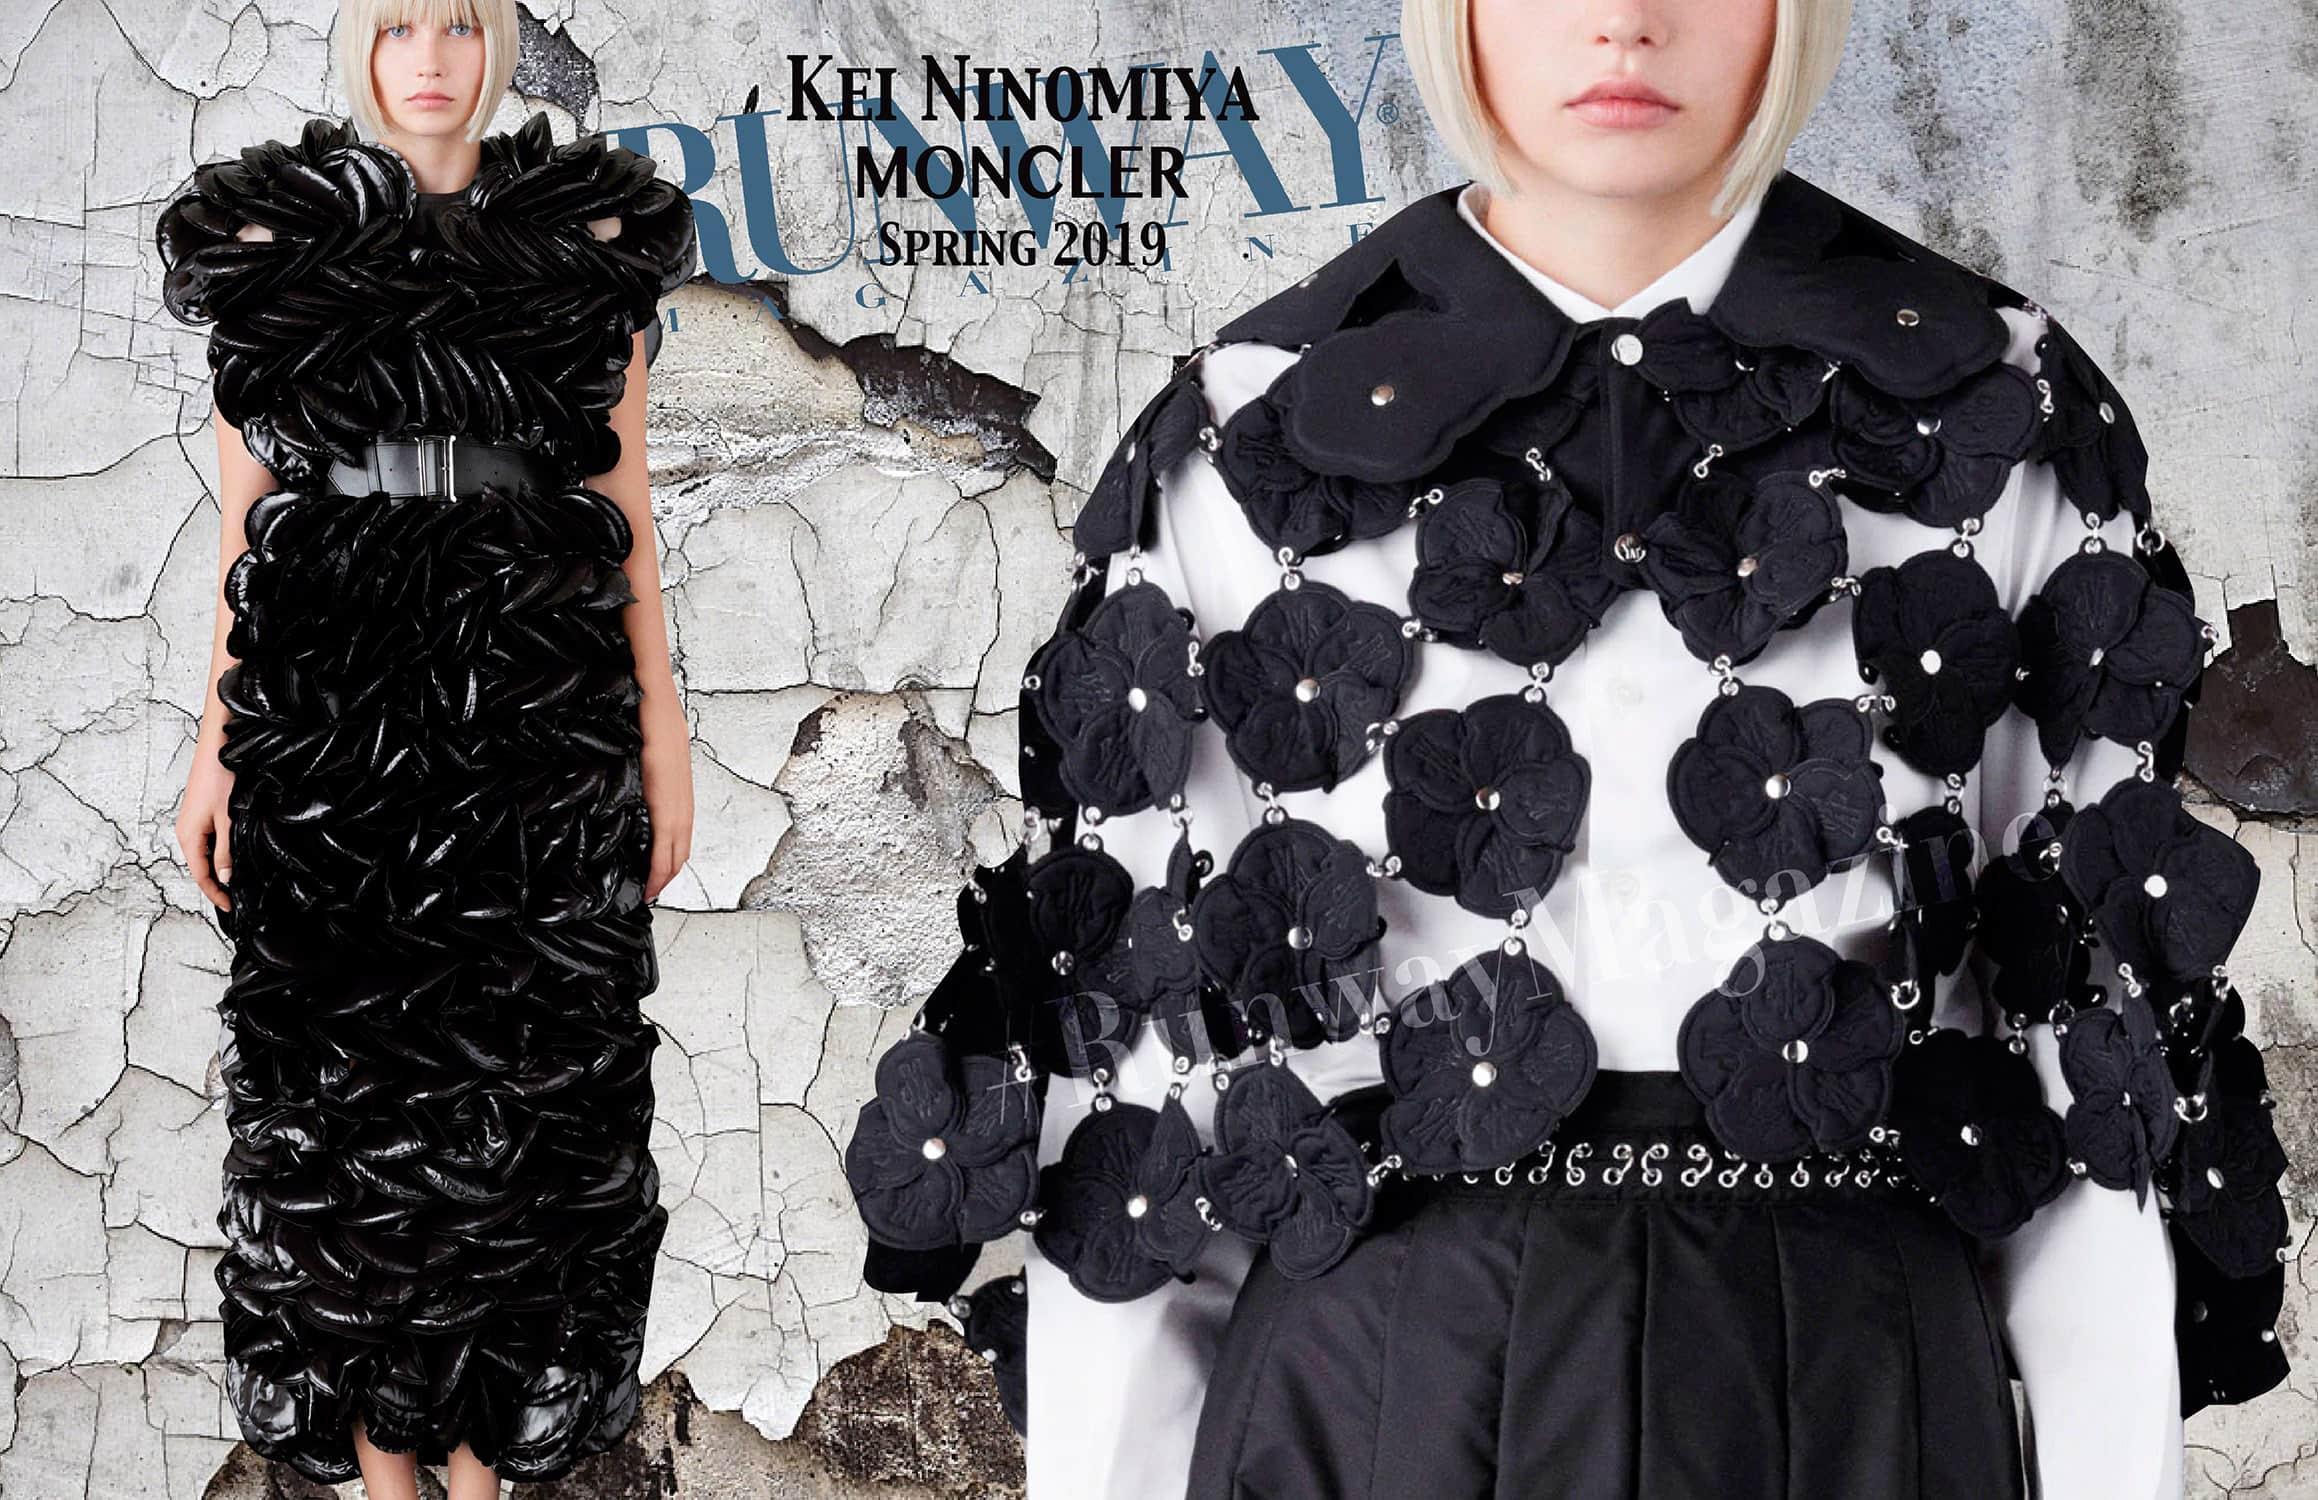 Moncler -Kei Ninomiya- Spring Summer 2019 Milan by RUNWAY MAGAZINE